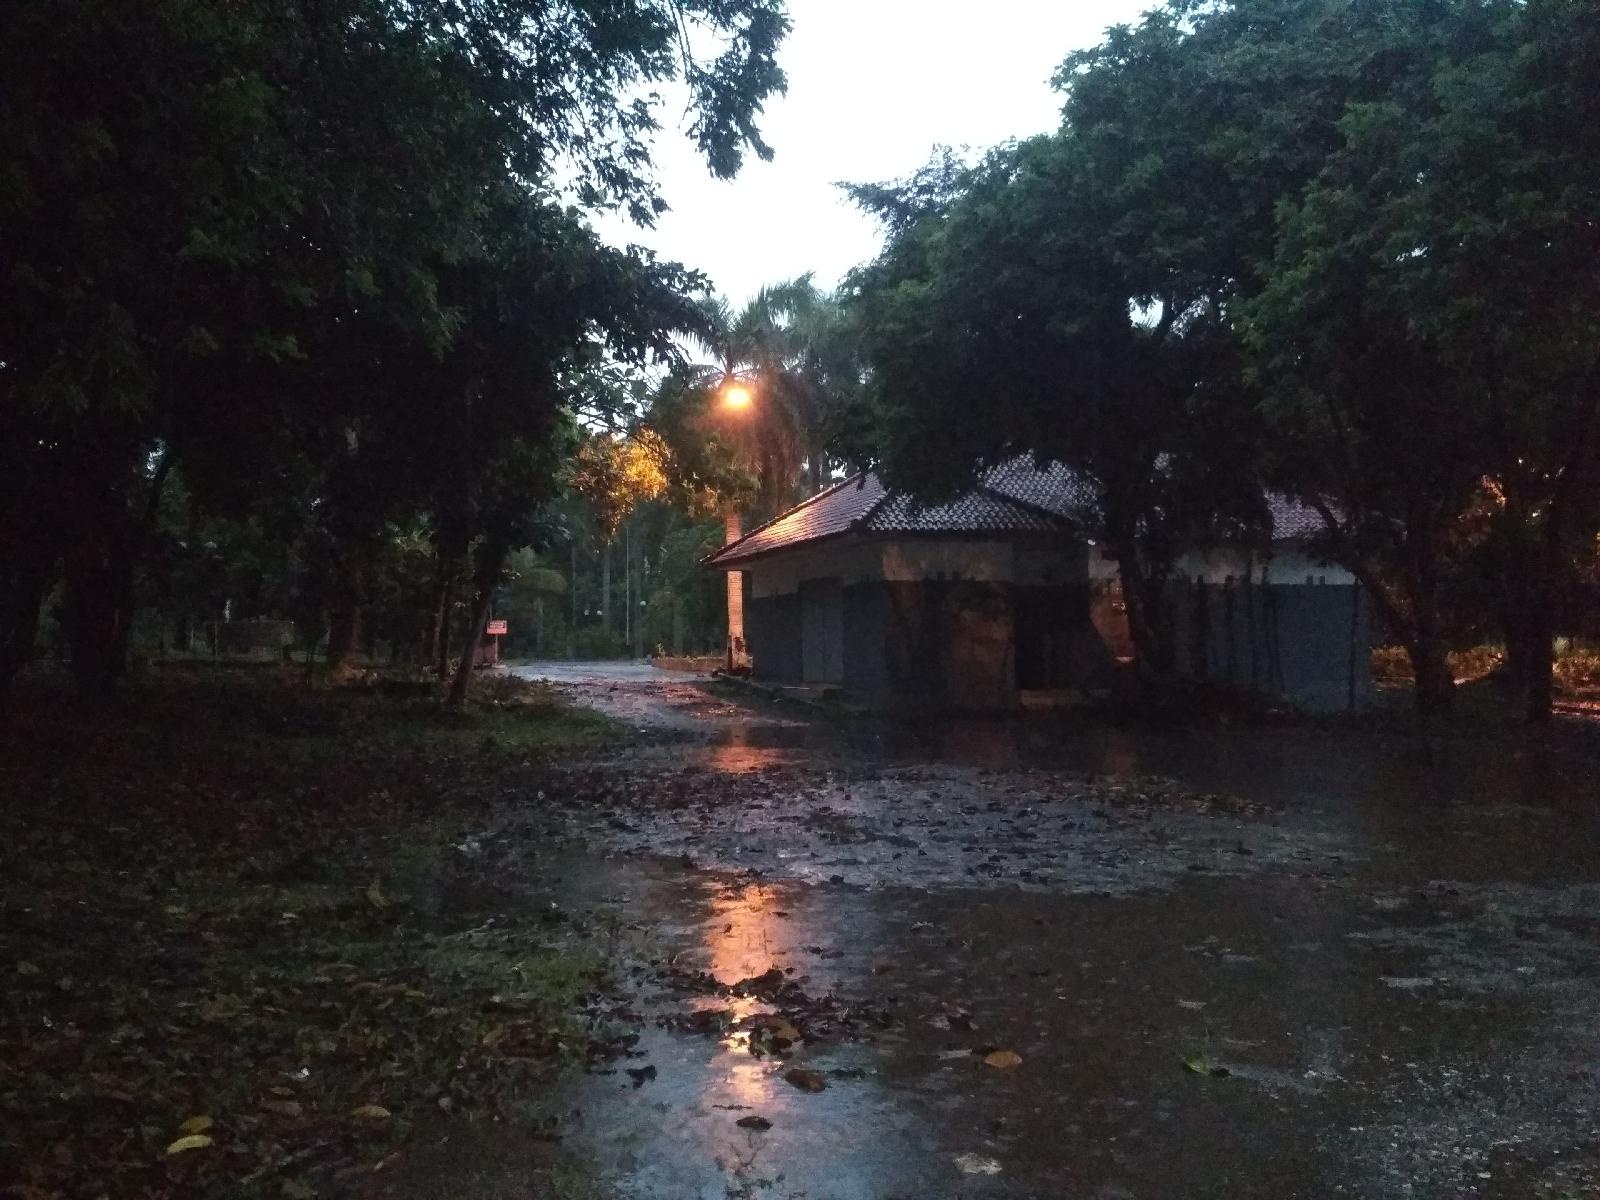 Hujan, Ada Dua Pilihan #69